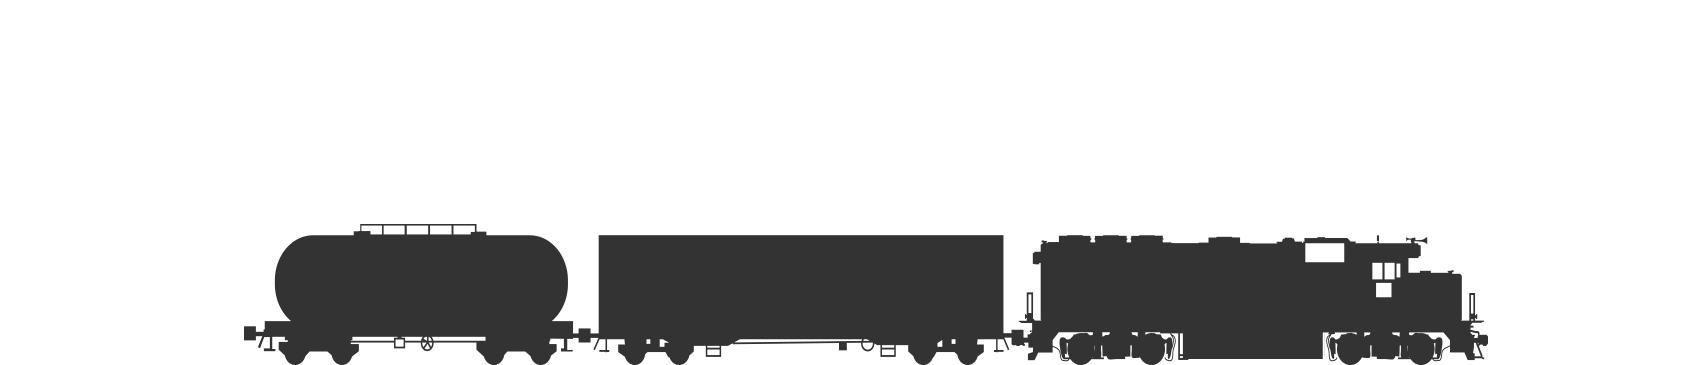 train-silhouette2